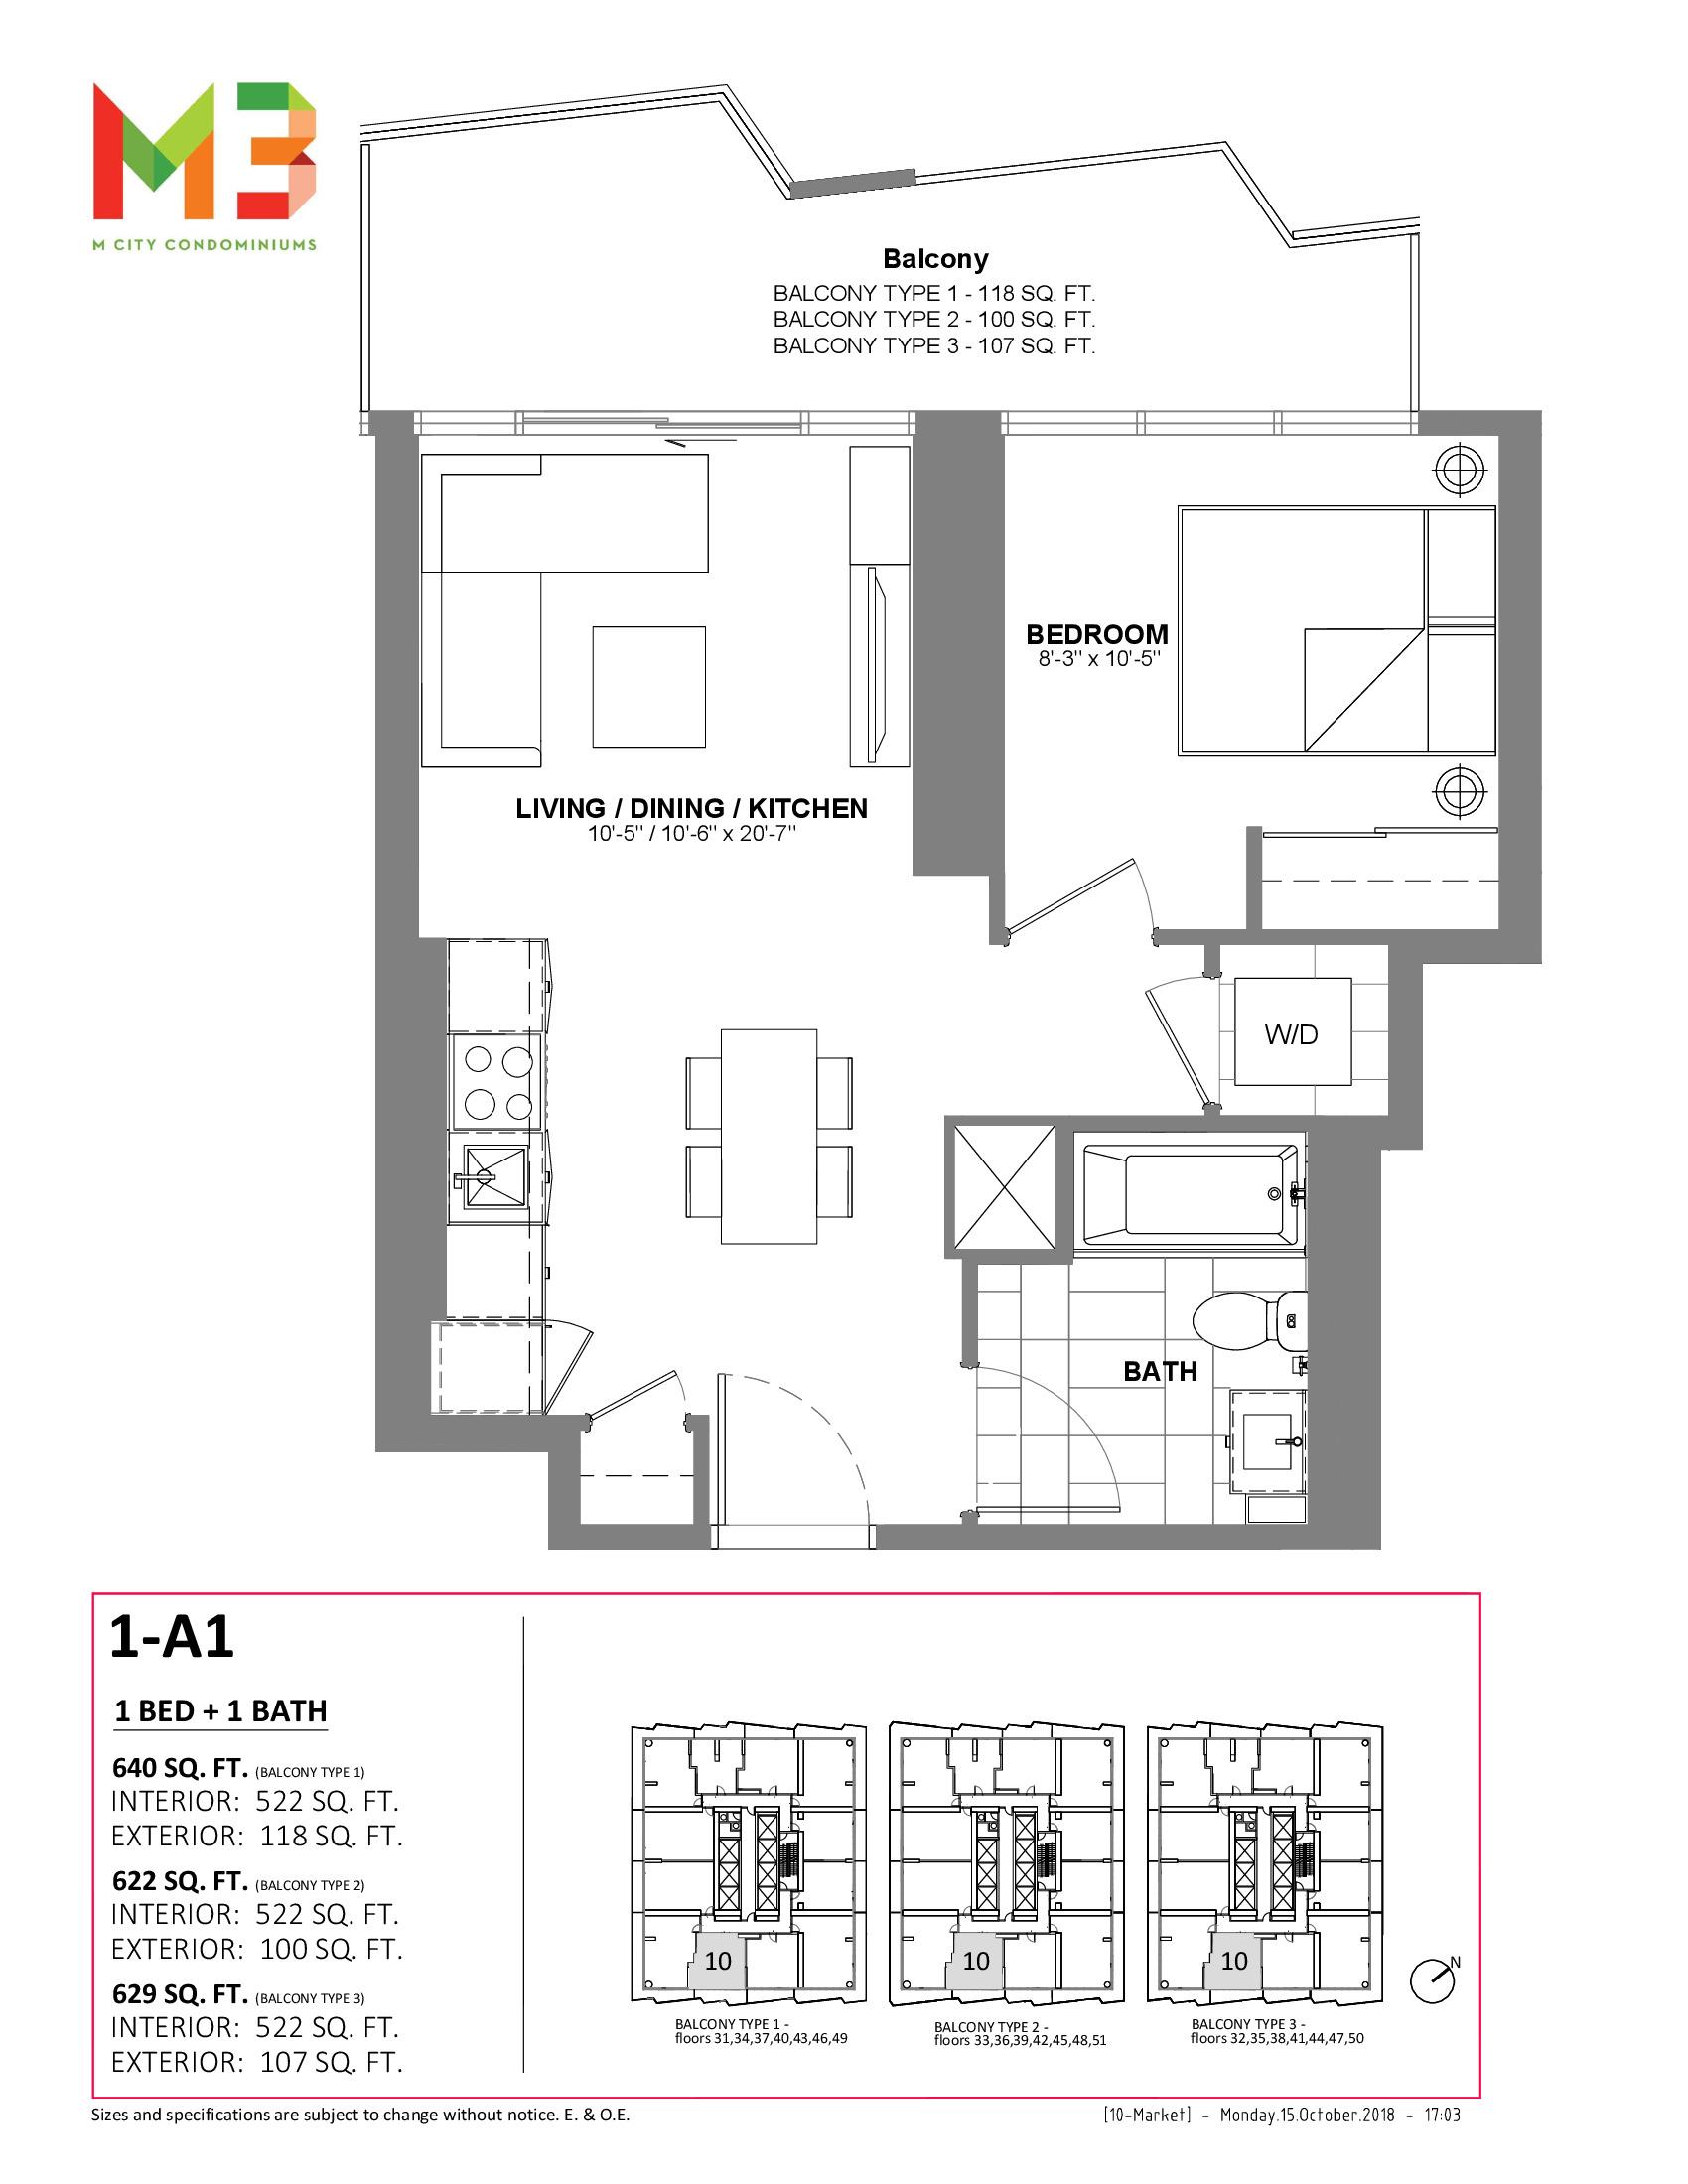 1-A1 Floor Plan at M3 Condos - 522 sq.ft